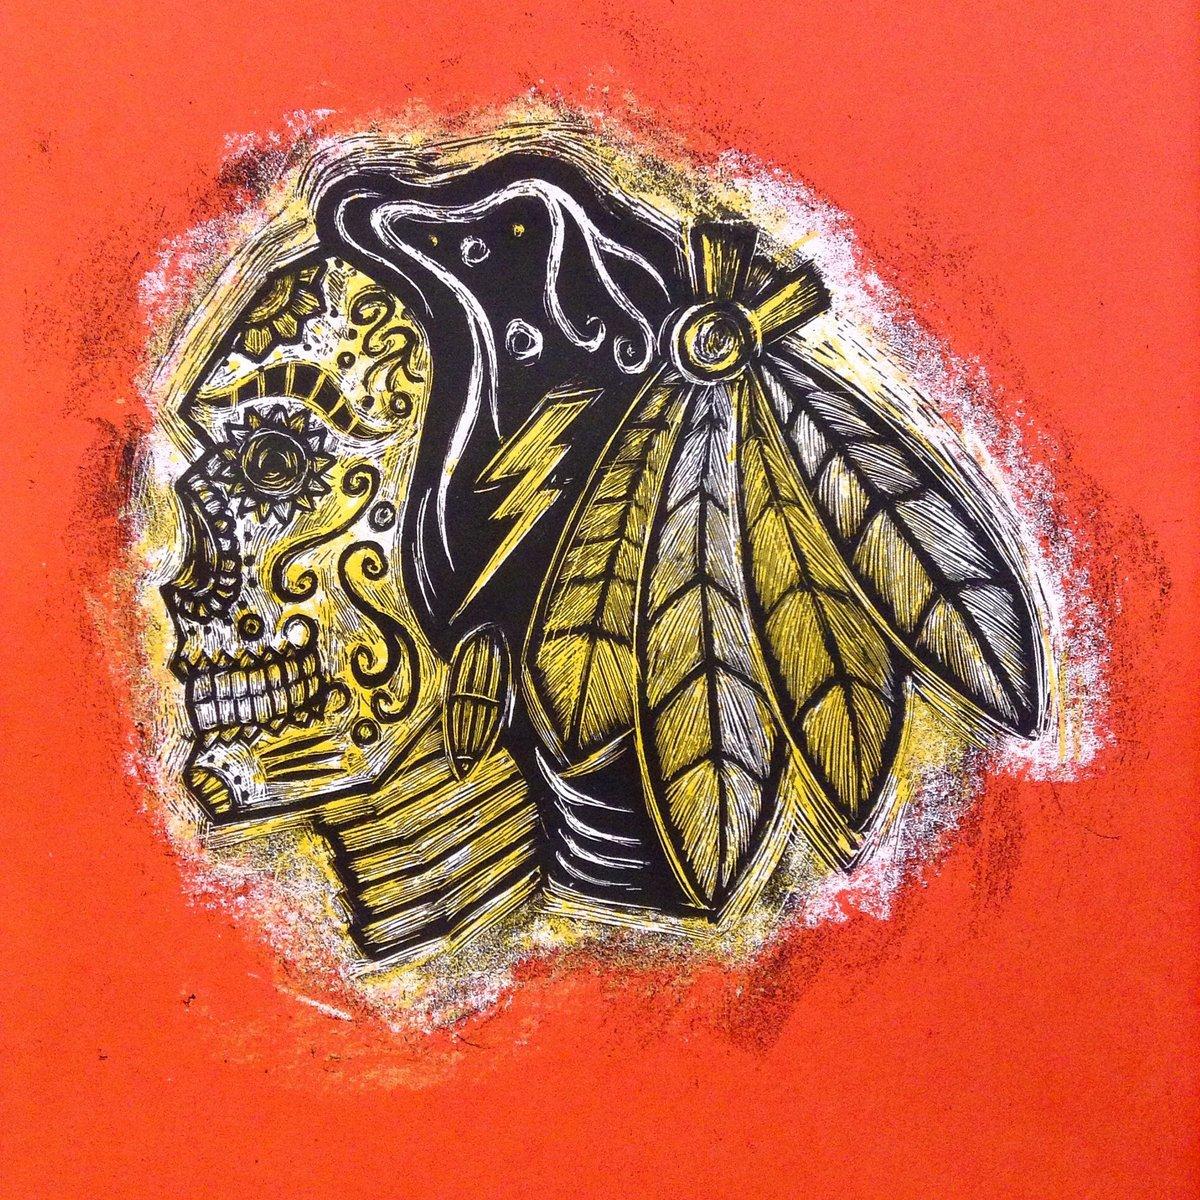 Hawks sugarskull print